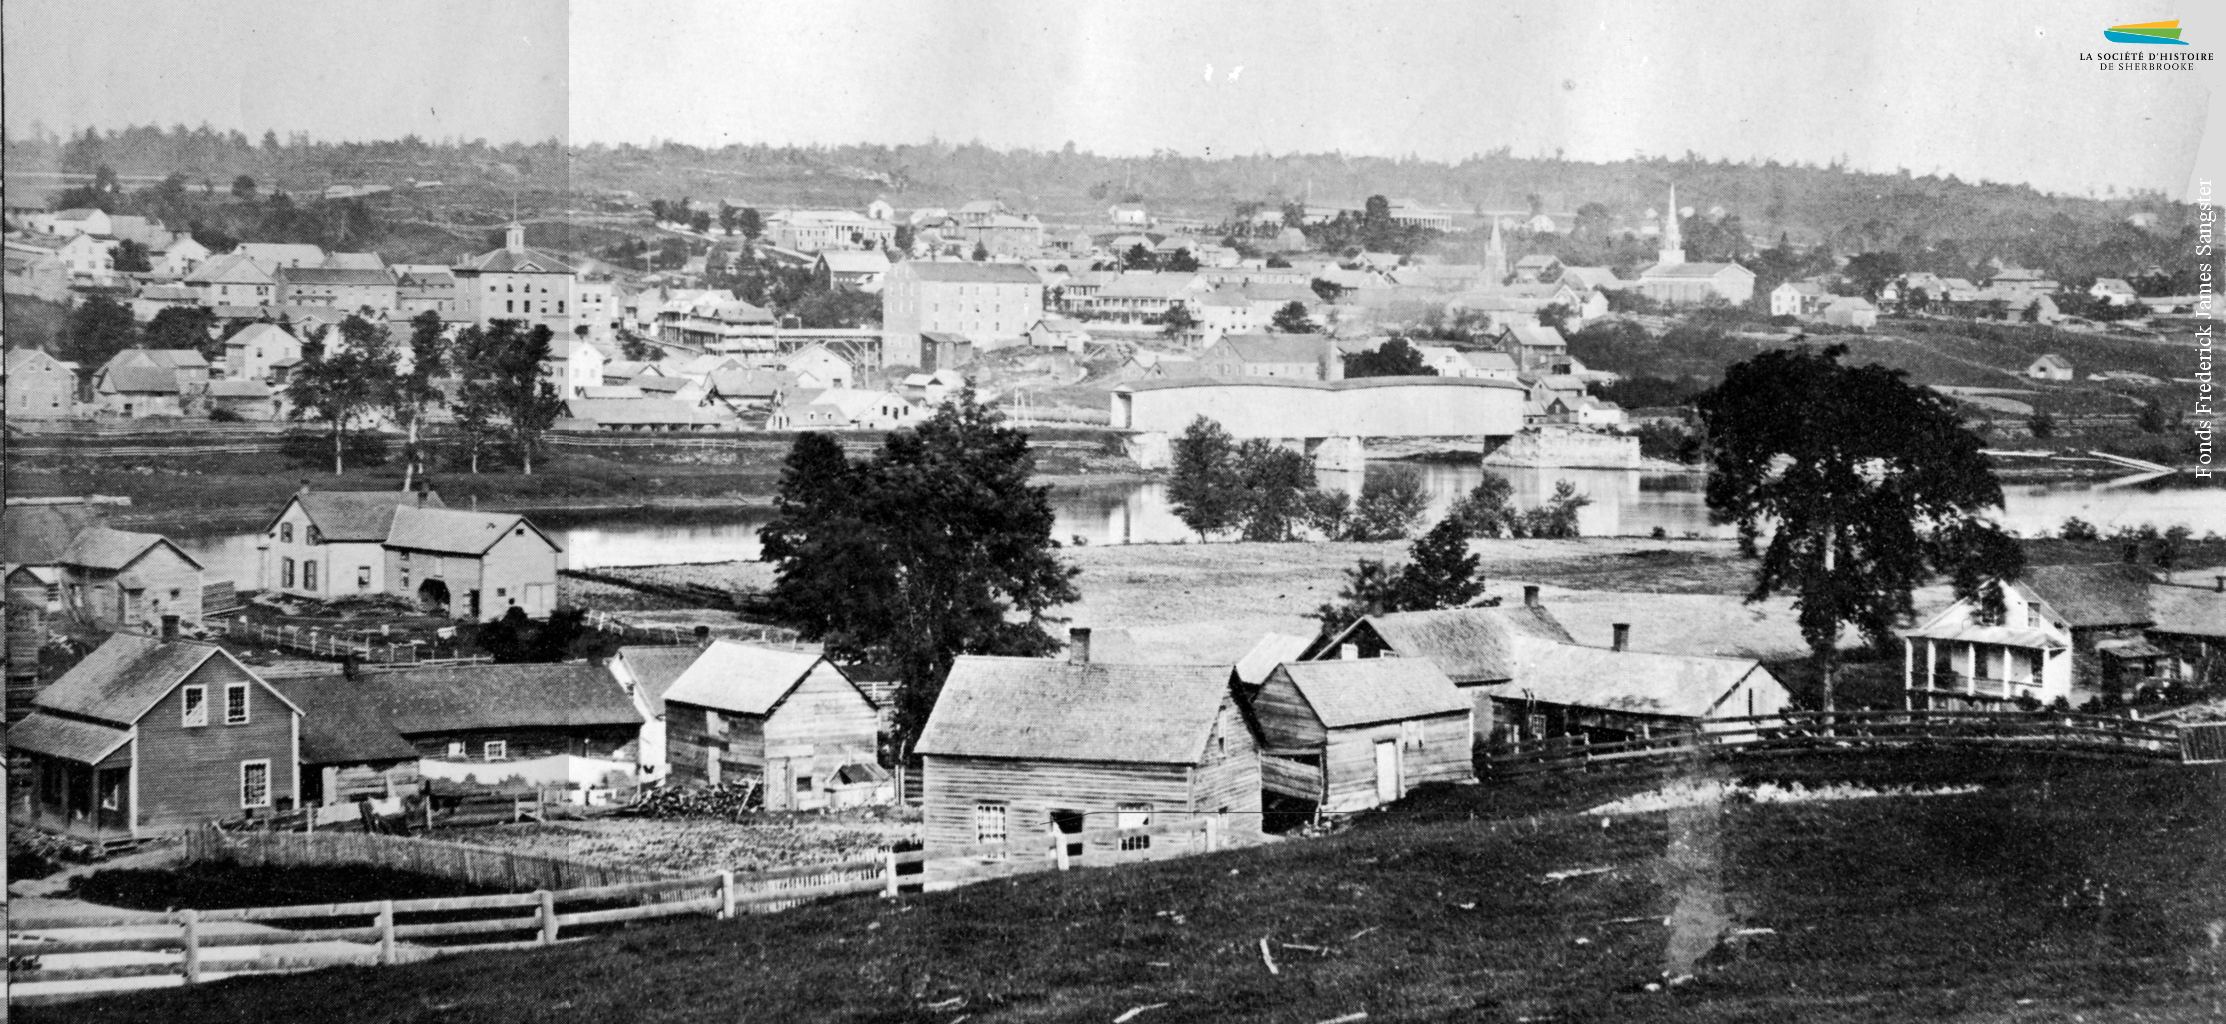 Vue du confluent des rivières Magog et Saint-François depuis le quartier Est, vers 1865. À cette époque l'Est est très peu peuplé, les ouvriers qui y habitent devant marcher une trop longue distance pour aller travailler dans les usines situées dans la gorge de la rivière Magog.